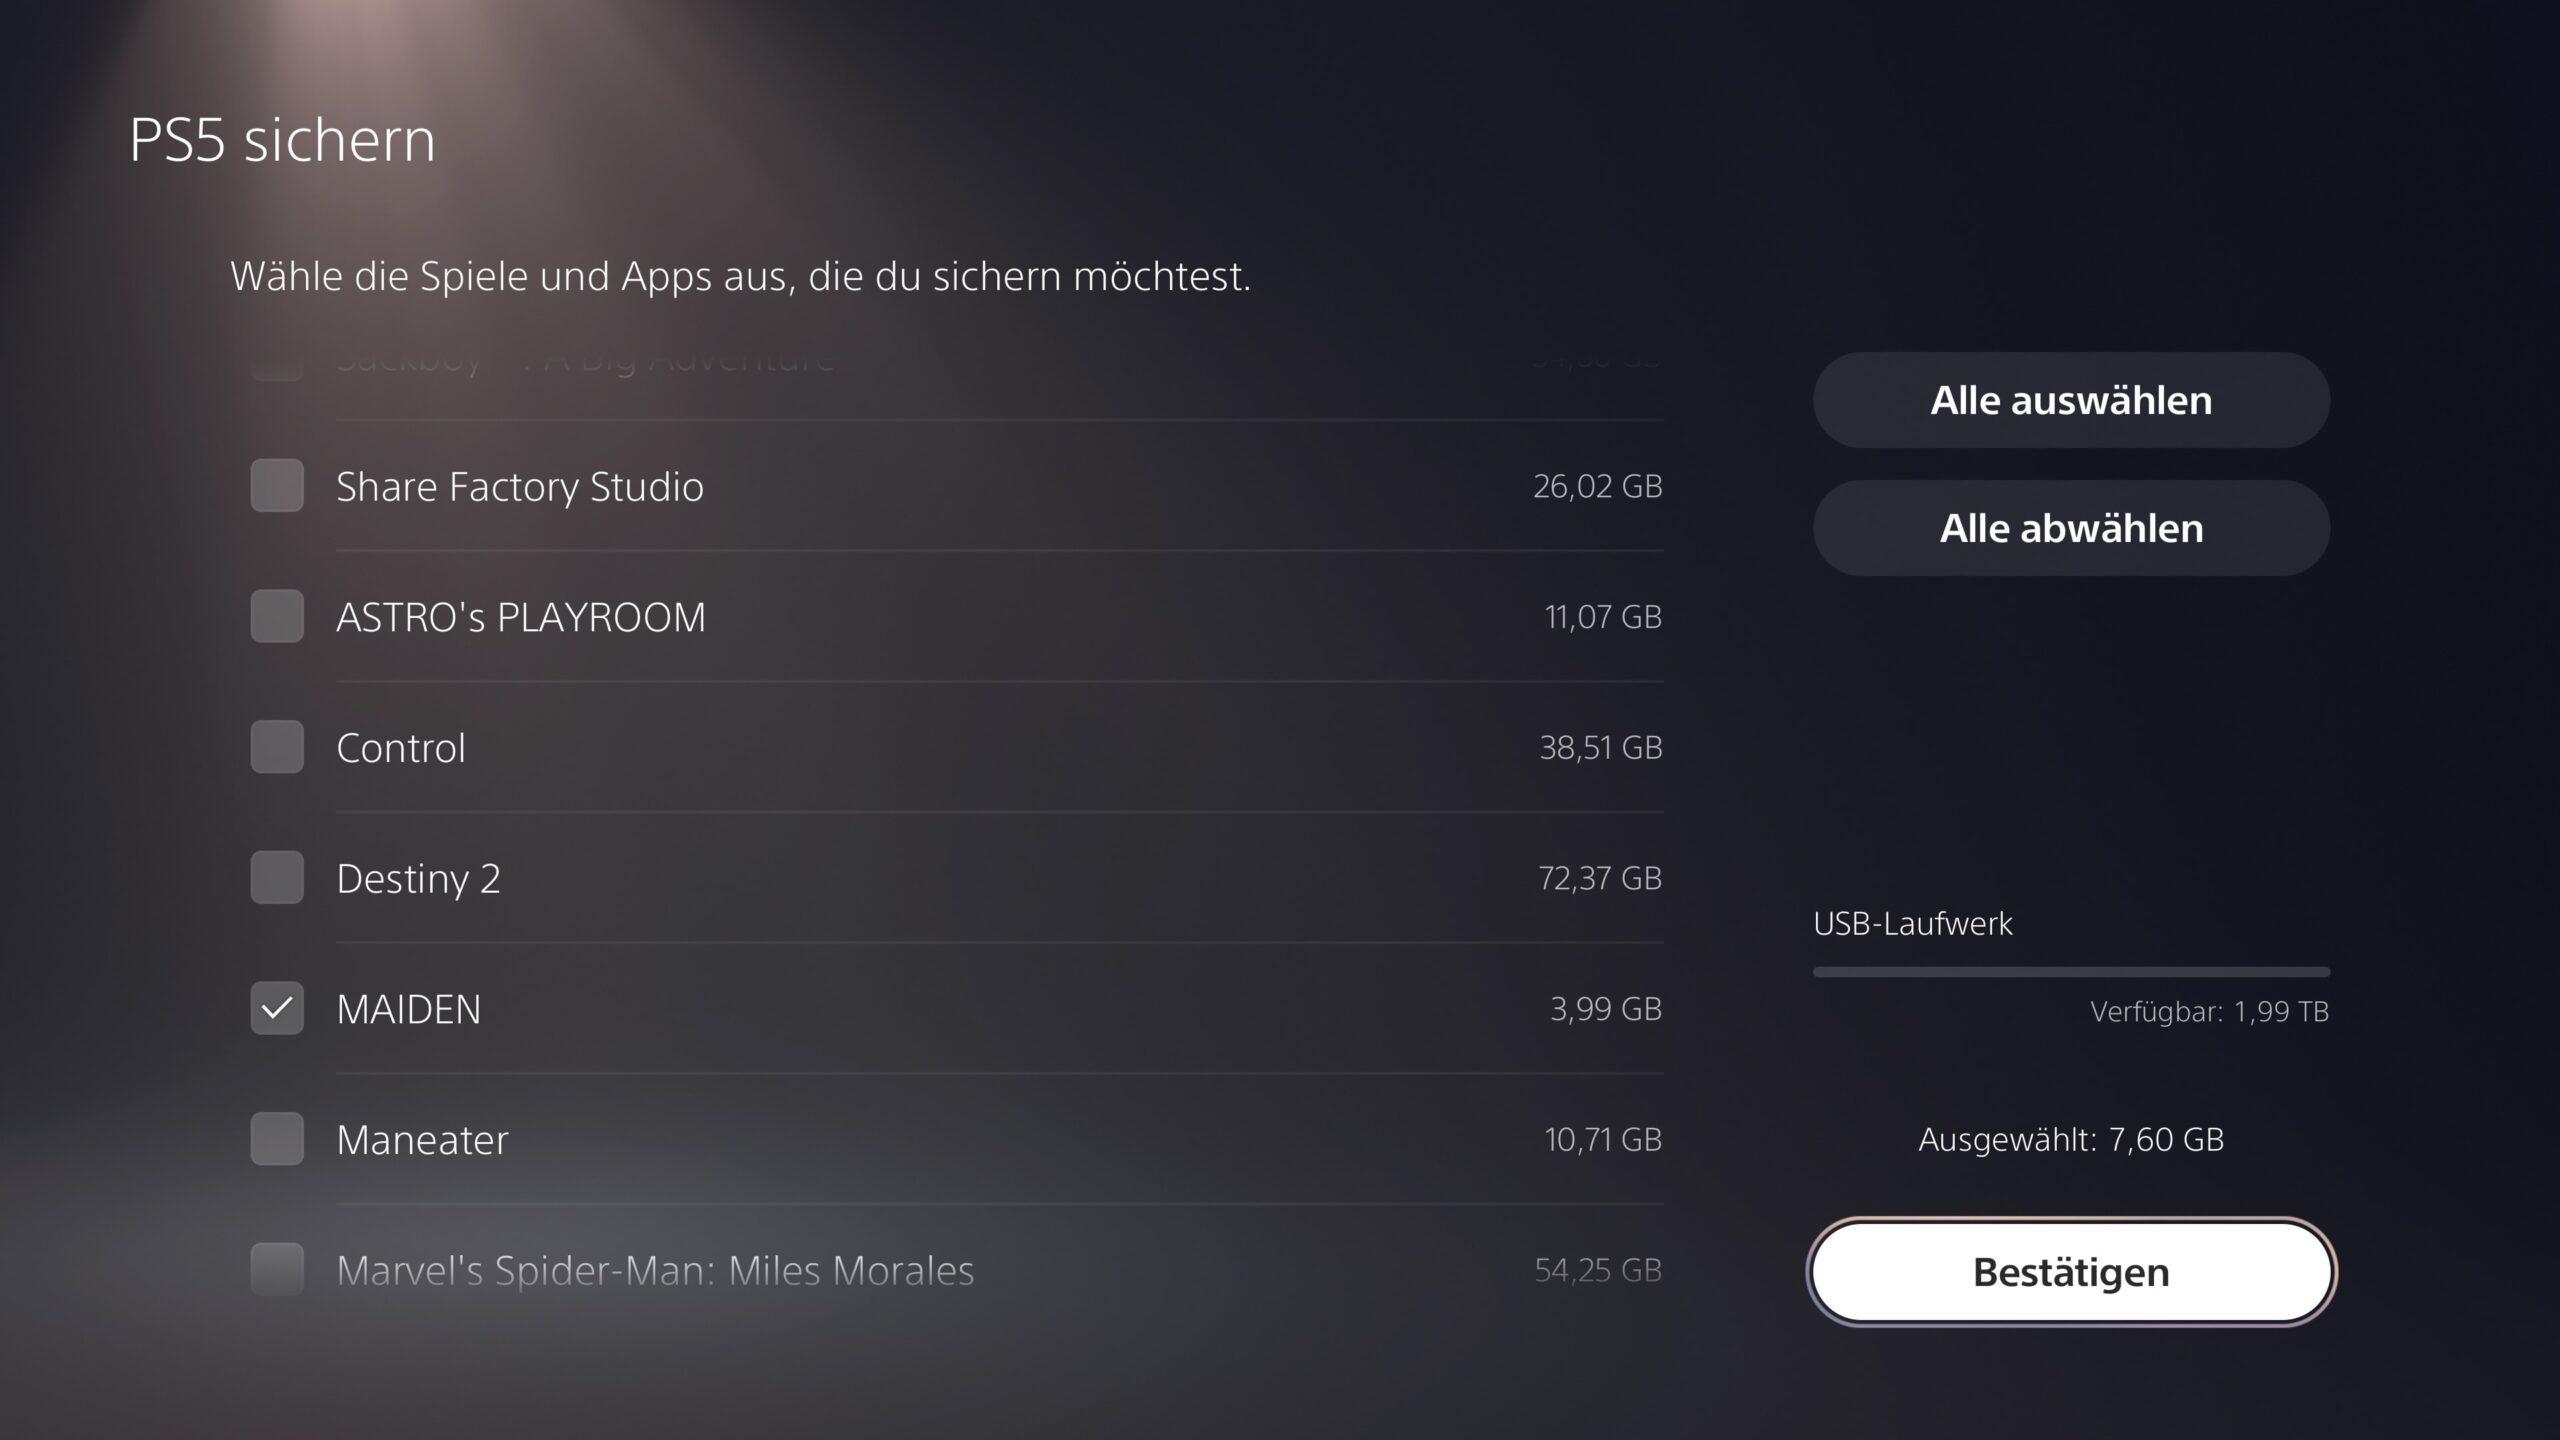 Backup06 1 scaled - PS4 und PS5: Backup erstellen und eigene Dateien sichern